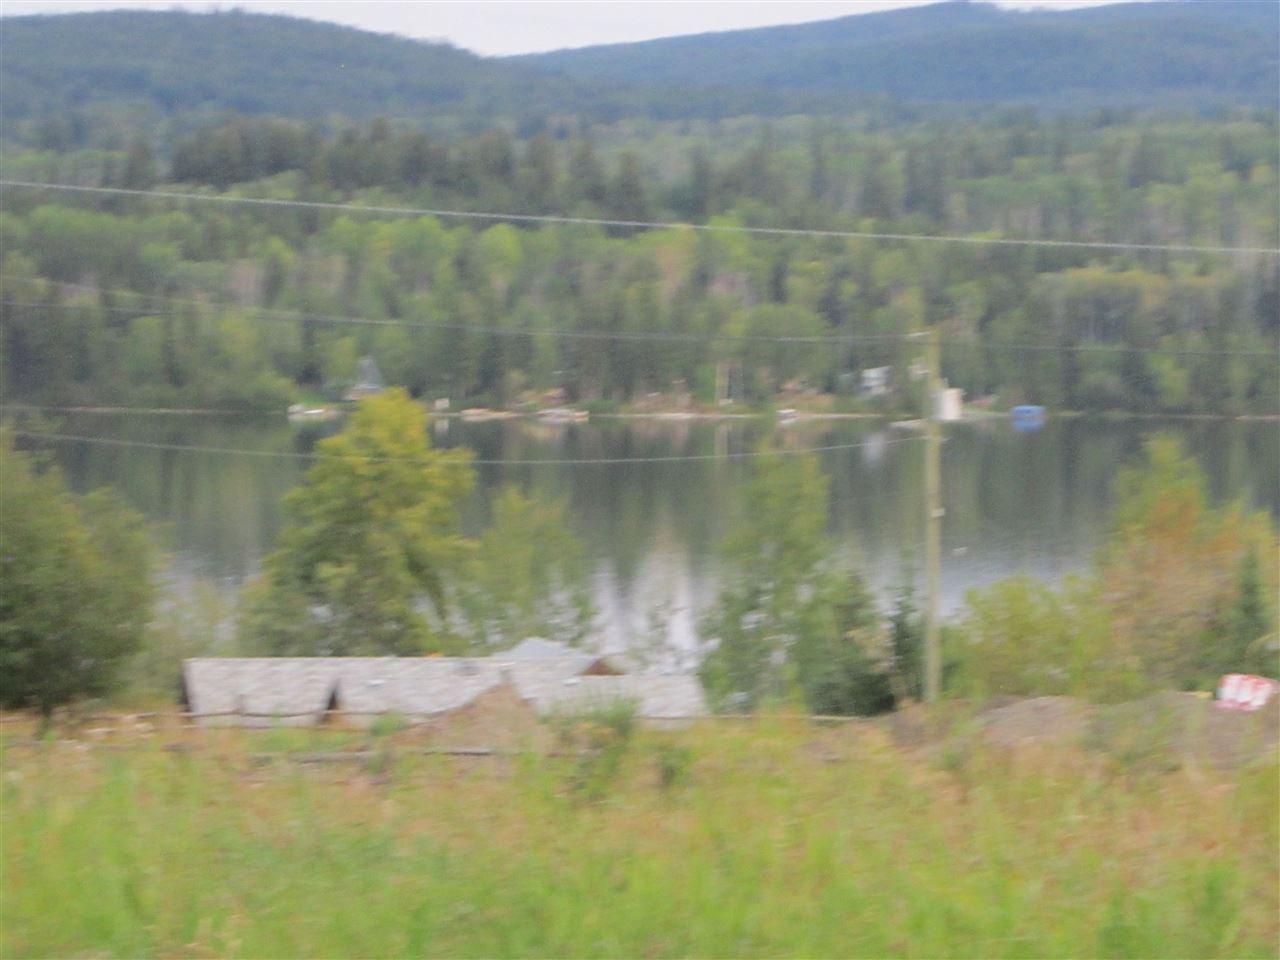 Main Photo: LOT 1 BIG LAKE Road in Williams Lake: Williams Lake - Rural East Land for sale (Williams Lake (Zone 27))  : MLS®# R2104865